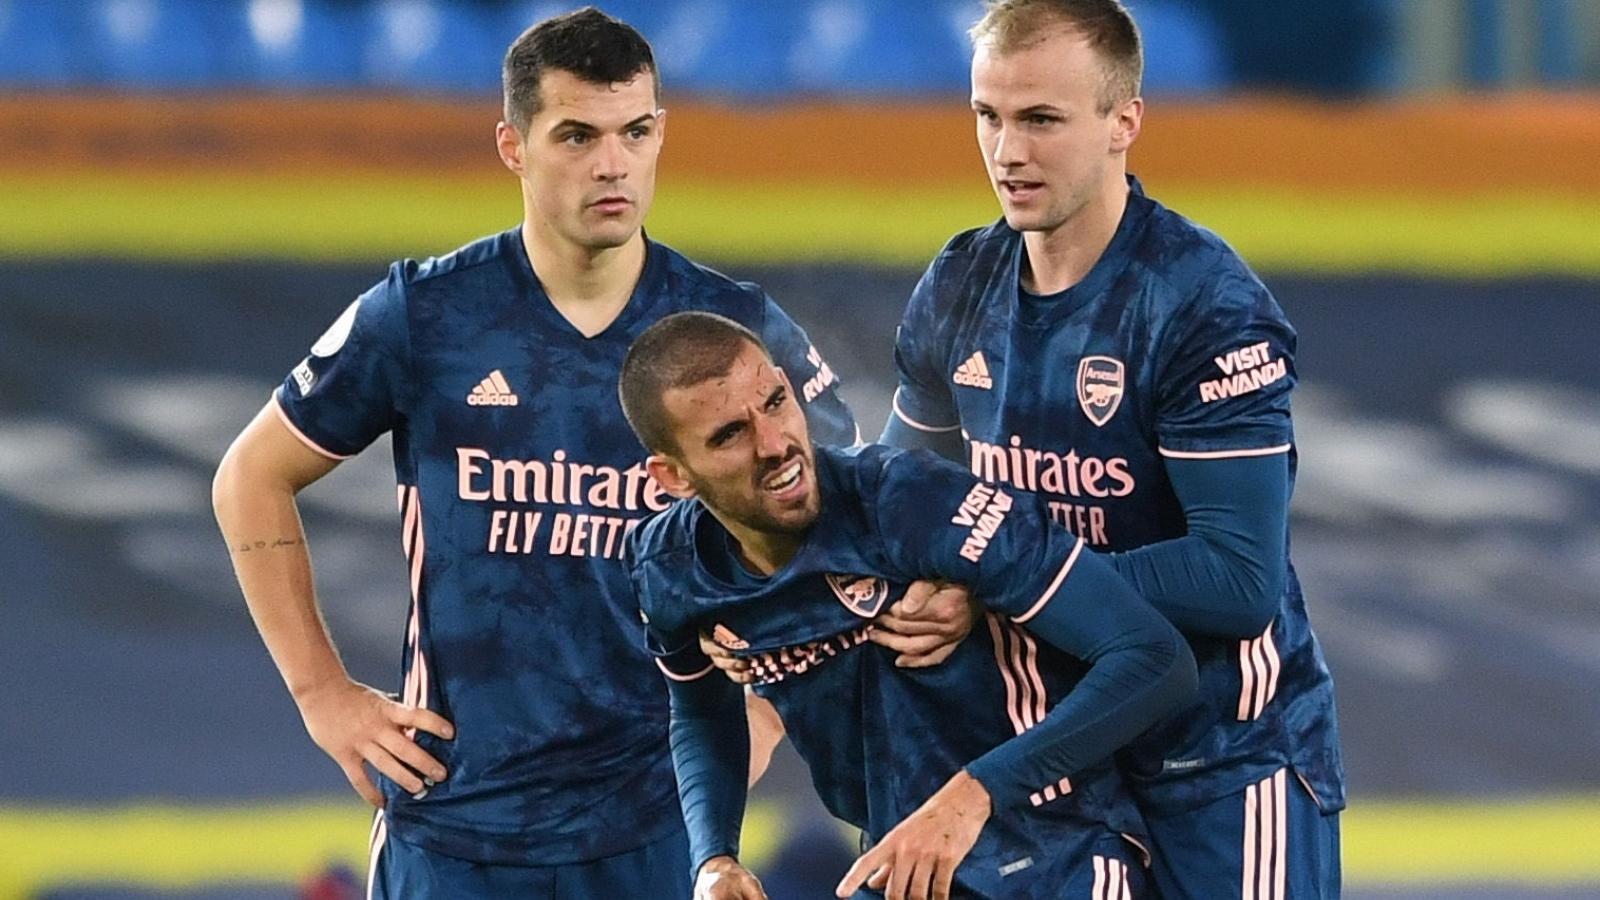 Lịch thi đấu bóng đá hôm nay 26/11: Arsenal giành vé sớm ở Europa League?